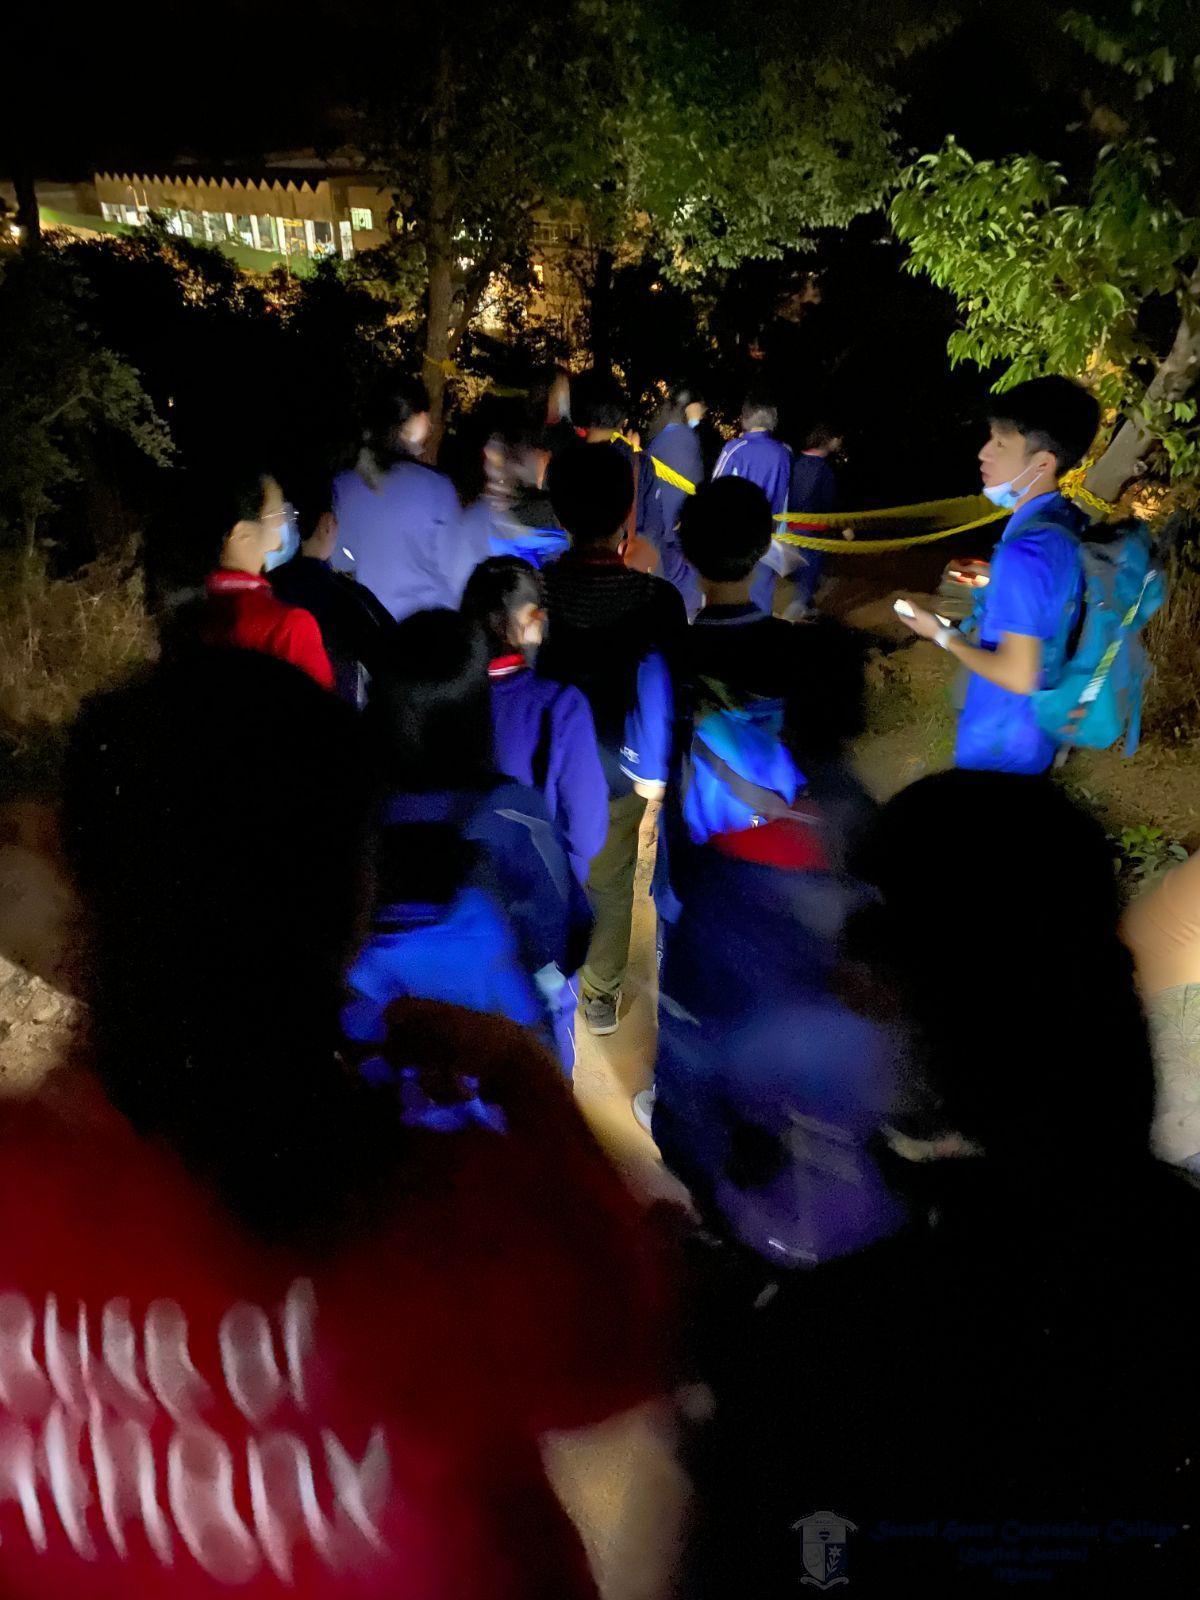 學社幹事於傍晚進行登山活動活動,藉此學習野外定向技巧。要完成此項任務,她們必需互相信任、分工合作,發揮團隊的力量。